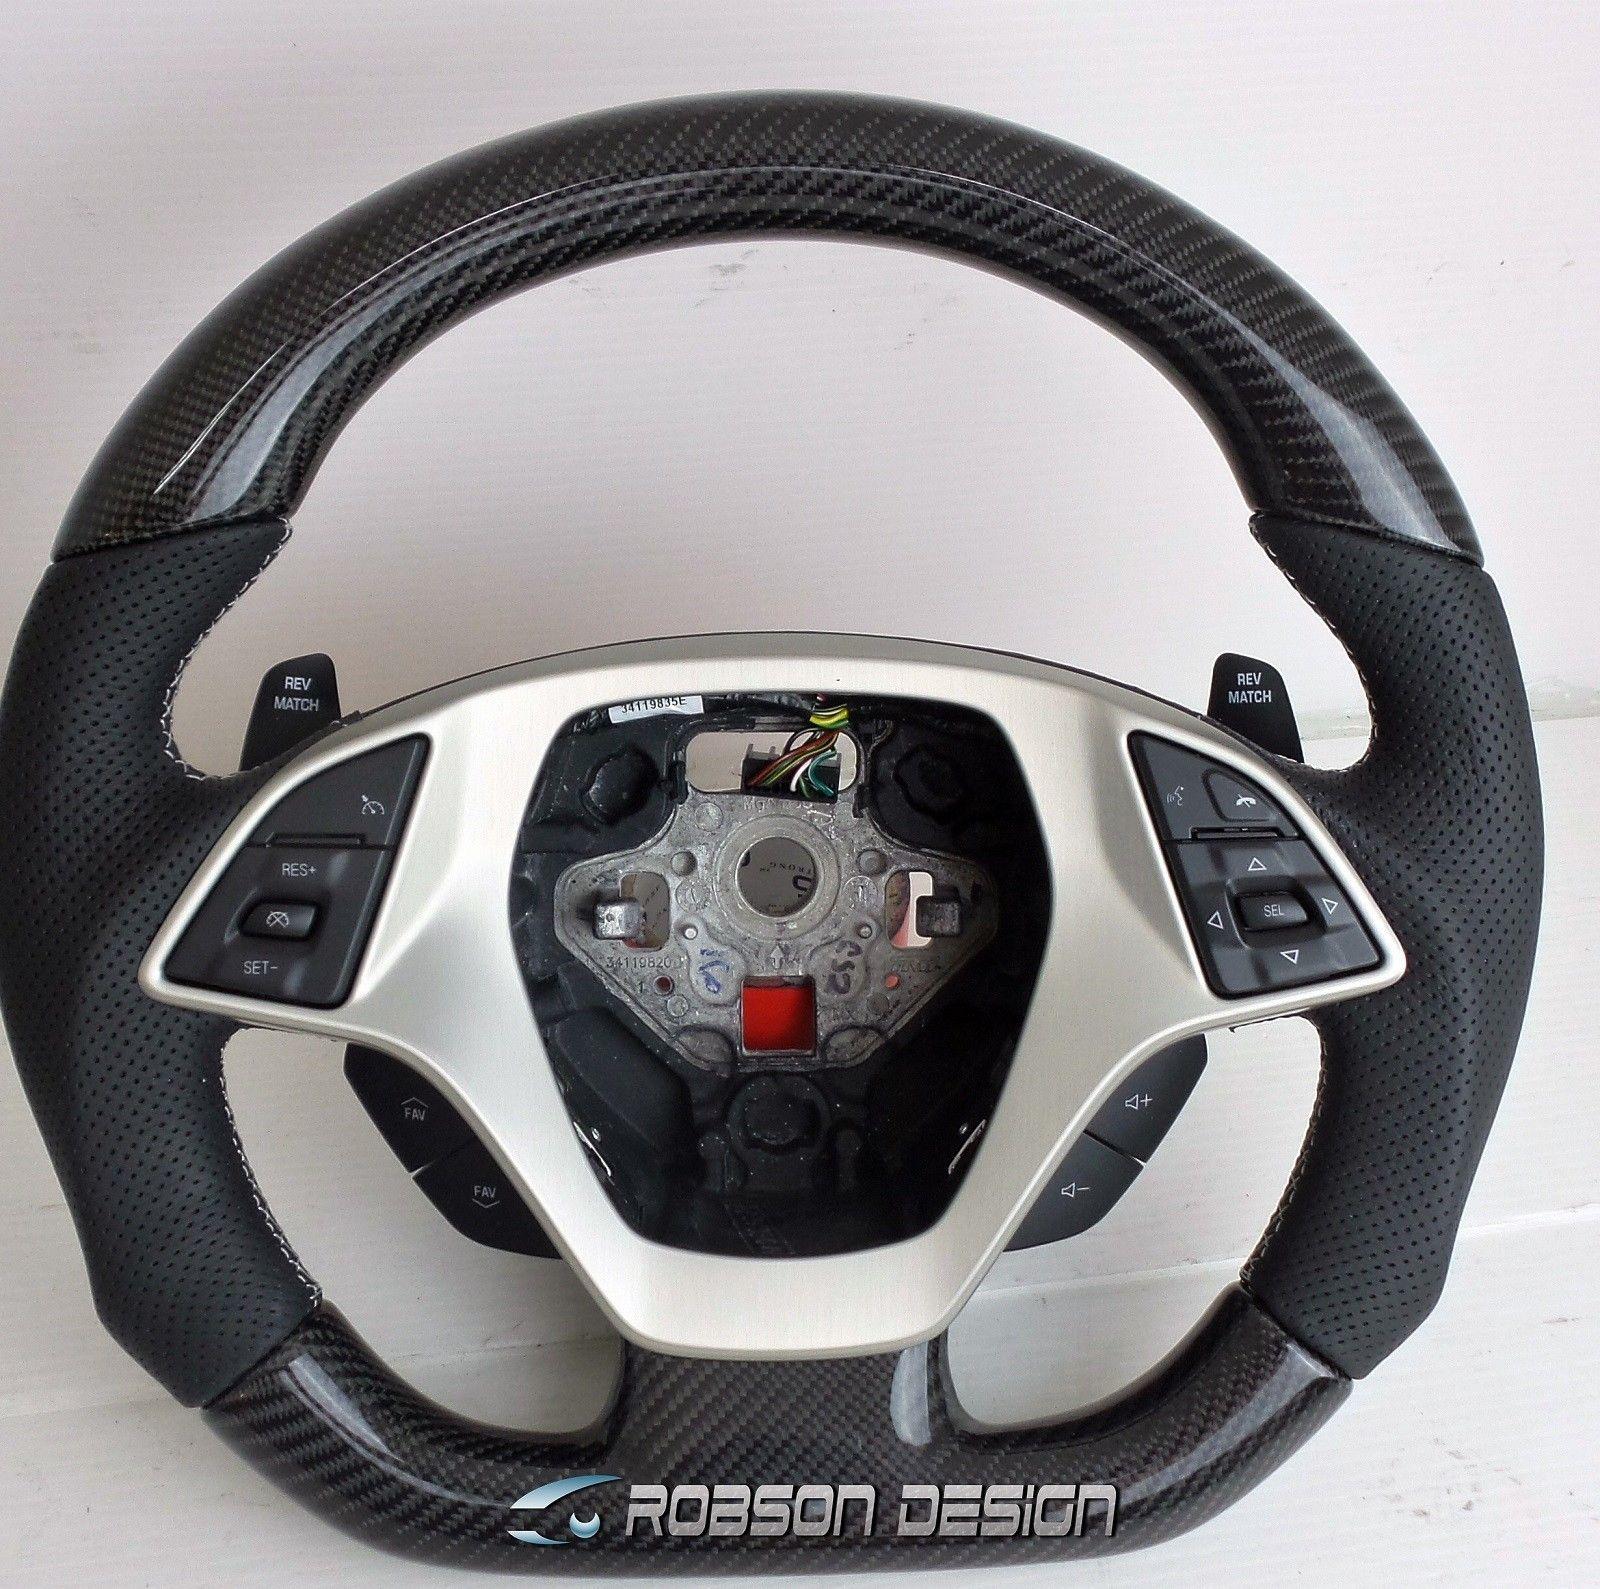 Chevrolet Corvette C7 Carbon Fiber Steering Wheel Robson